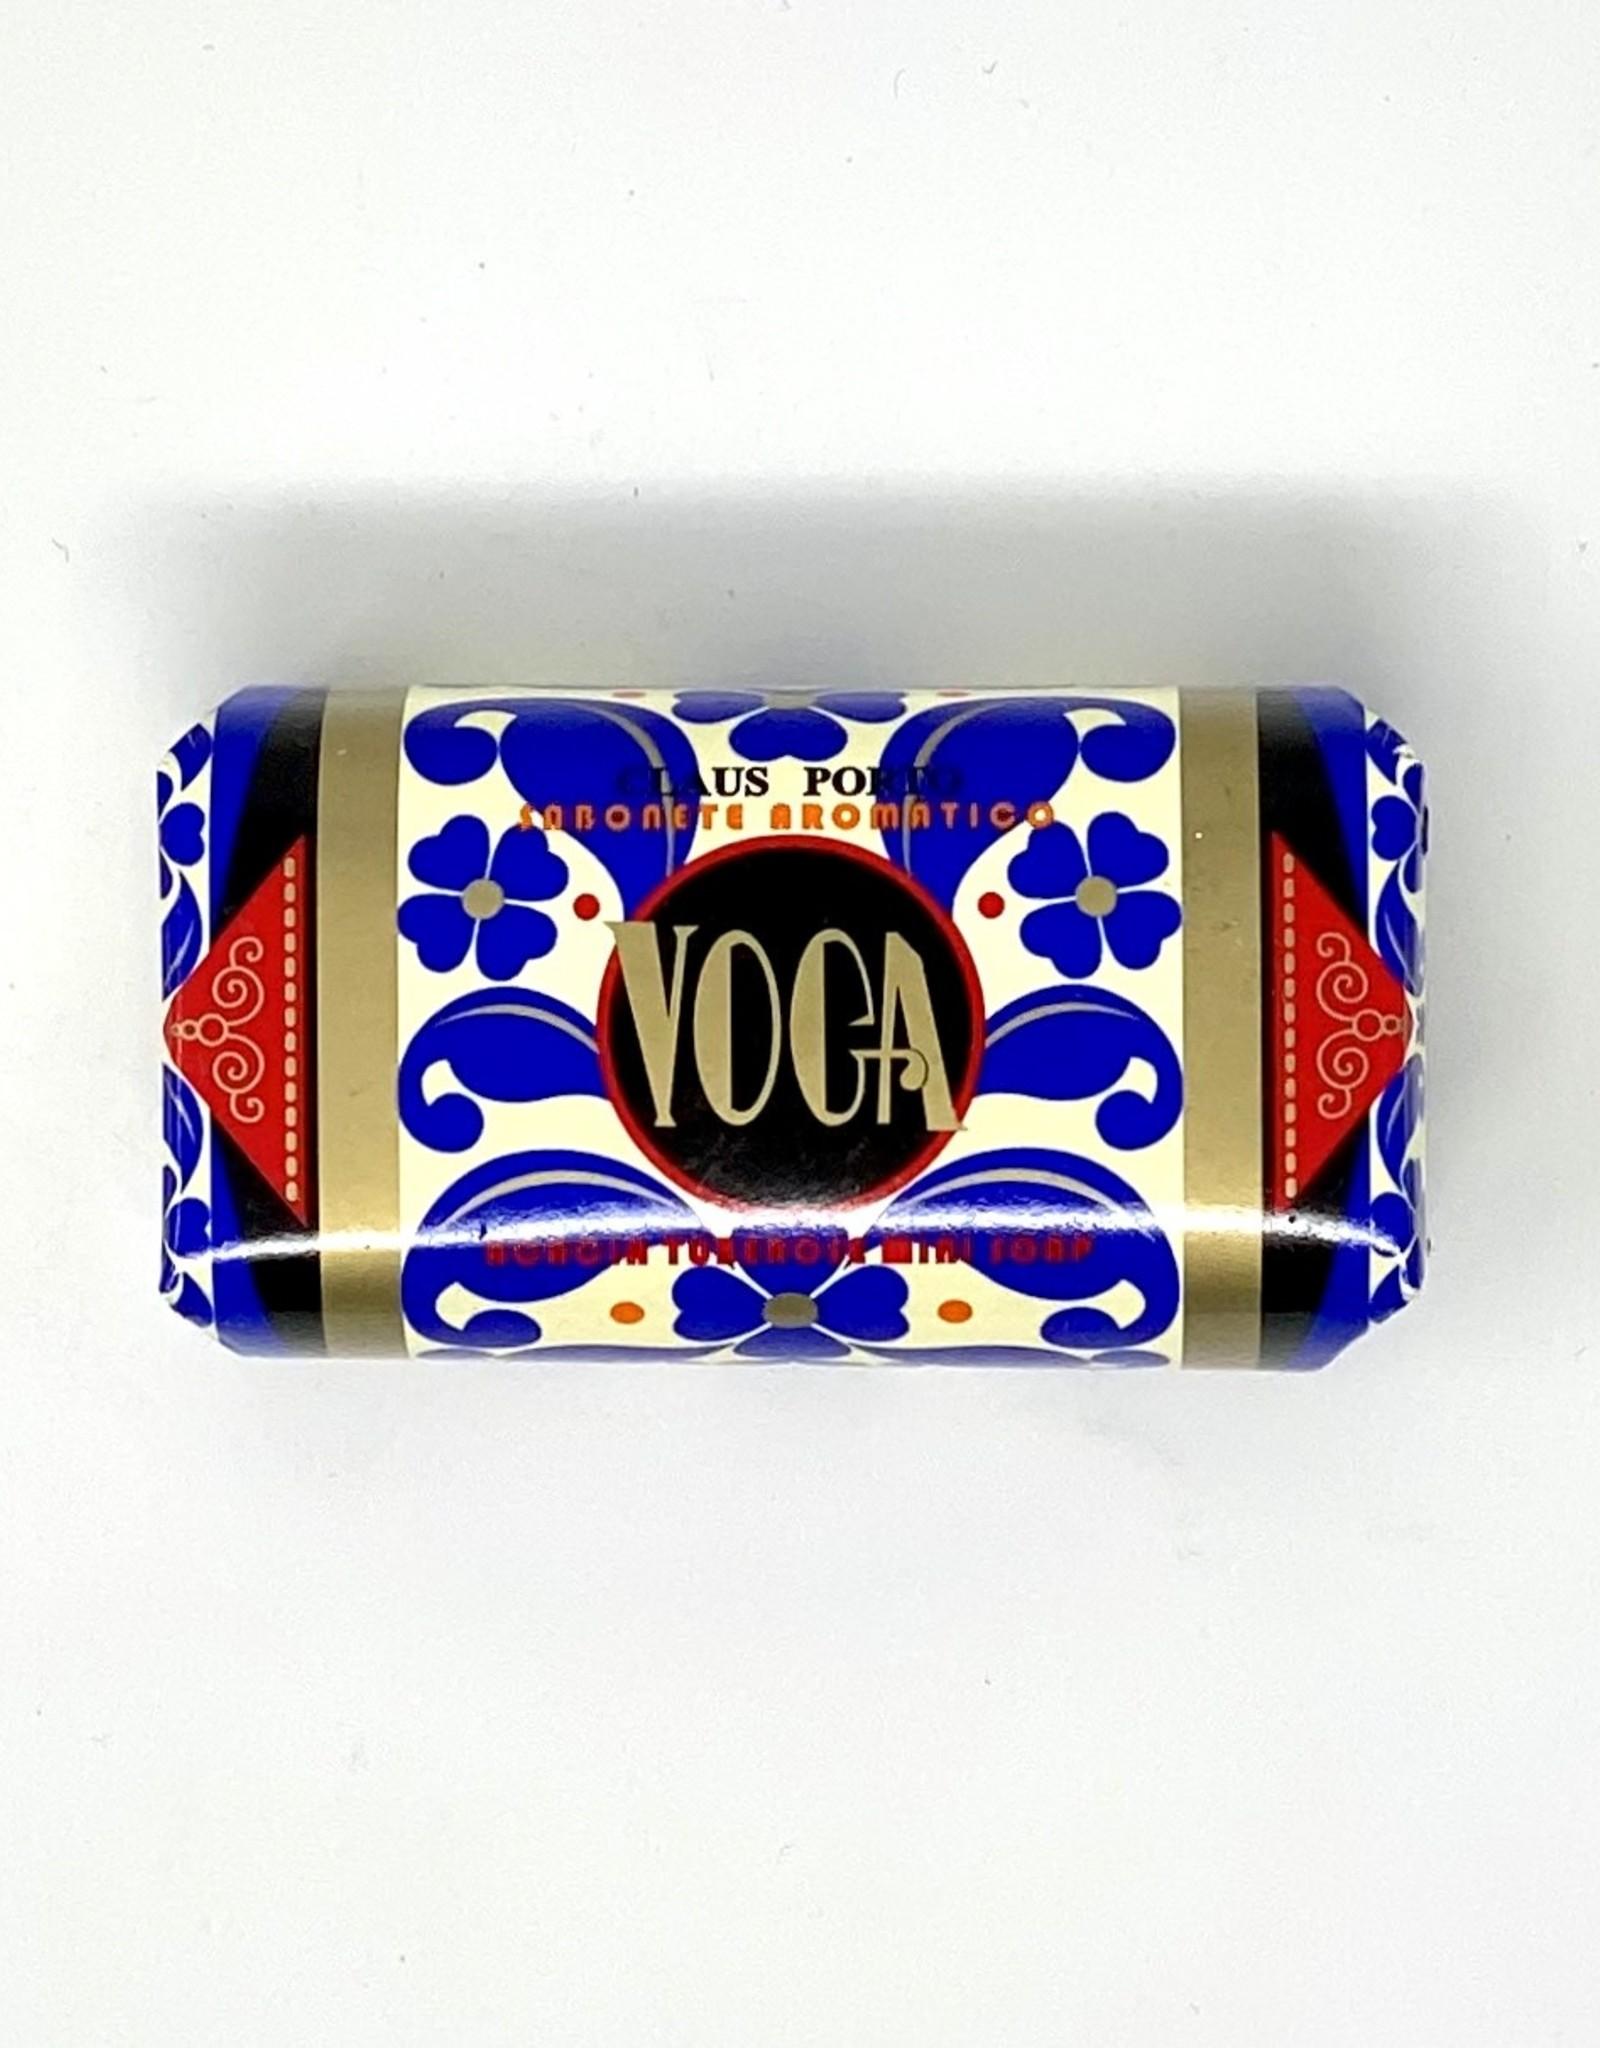 Claus Porto Voga Mini Bar Soap